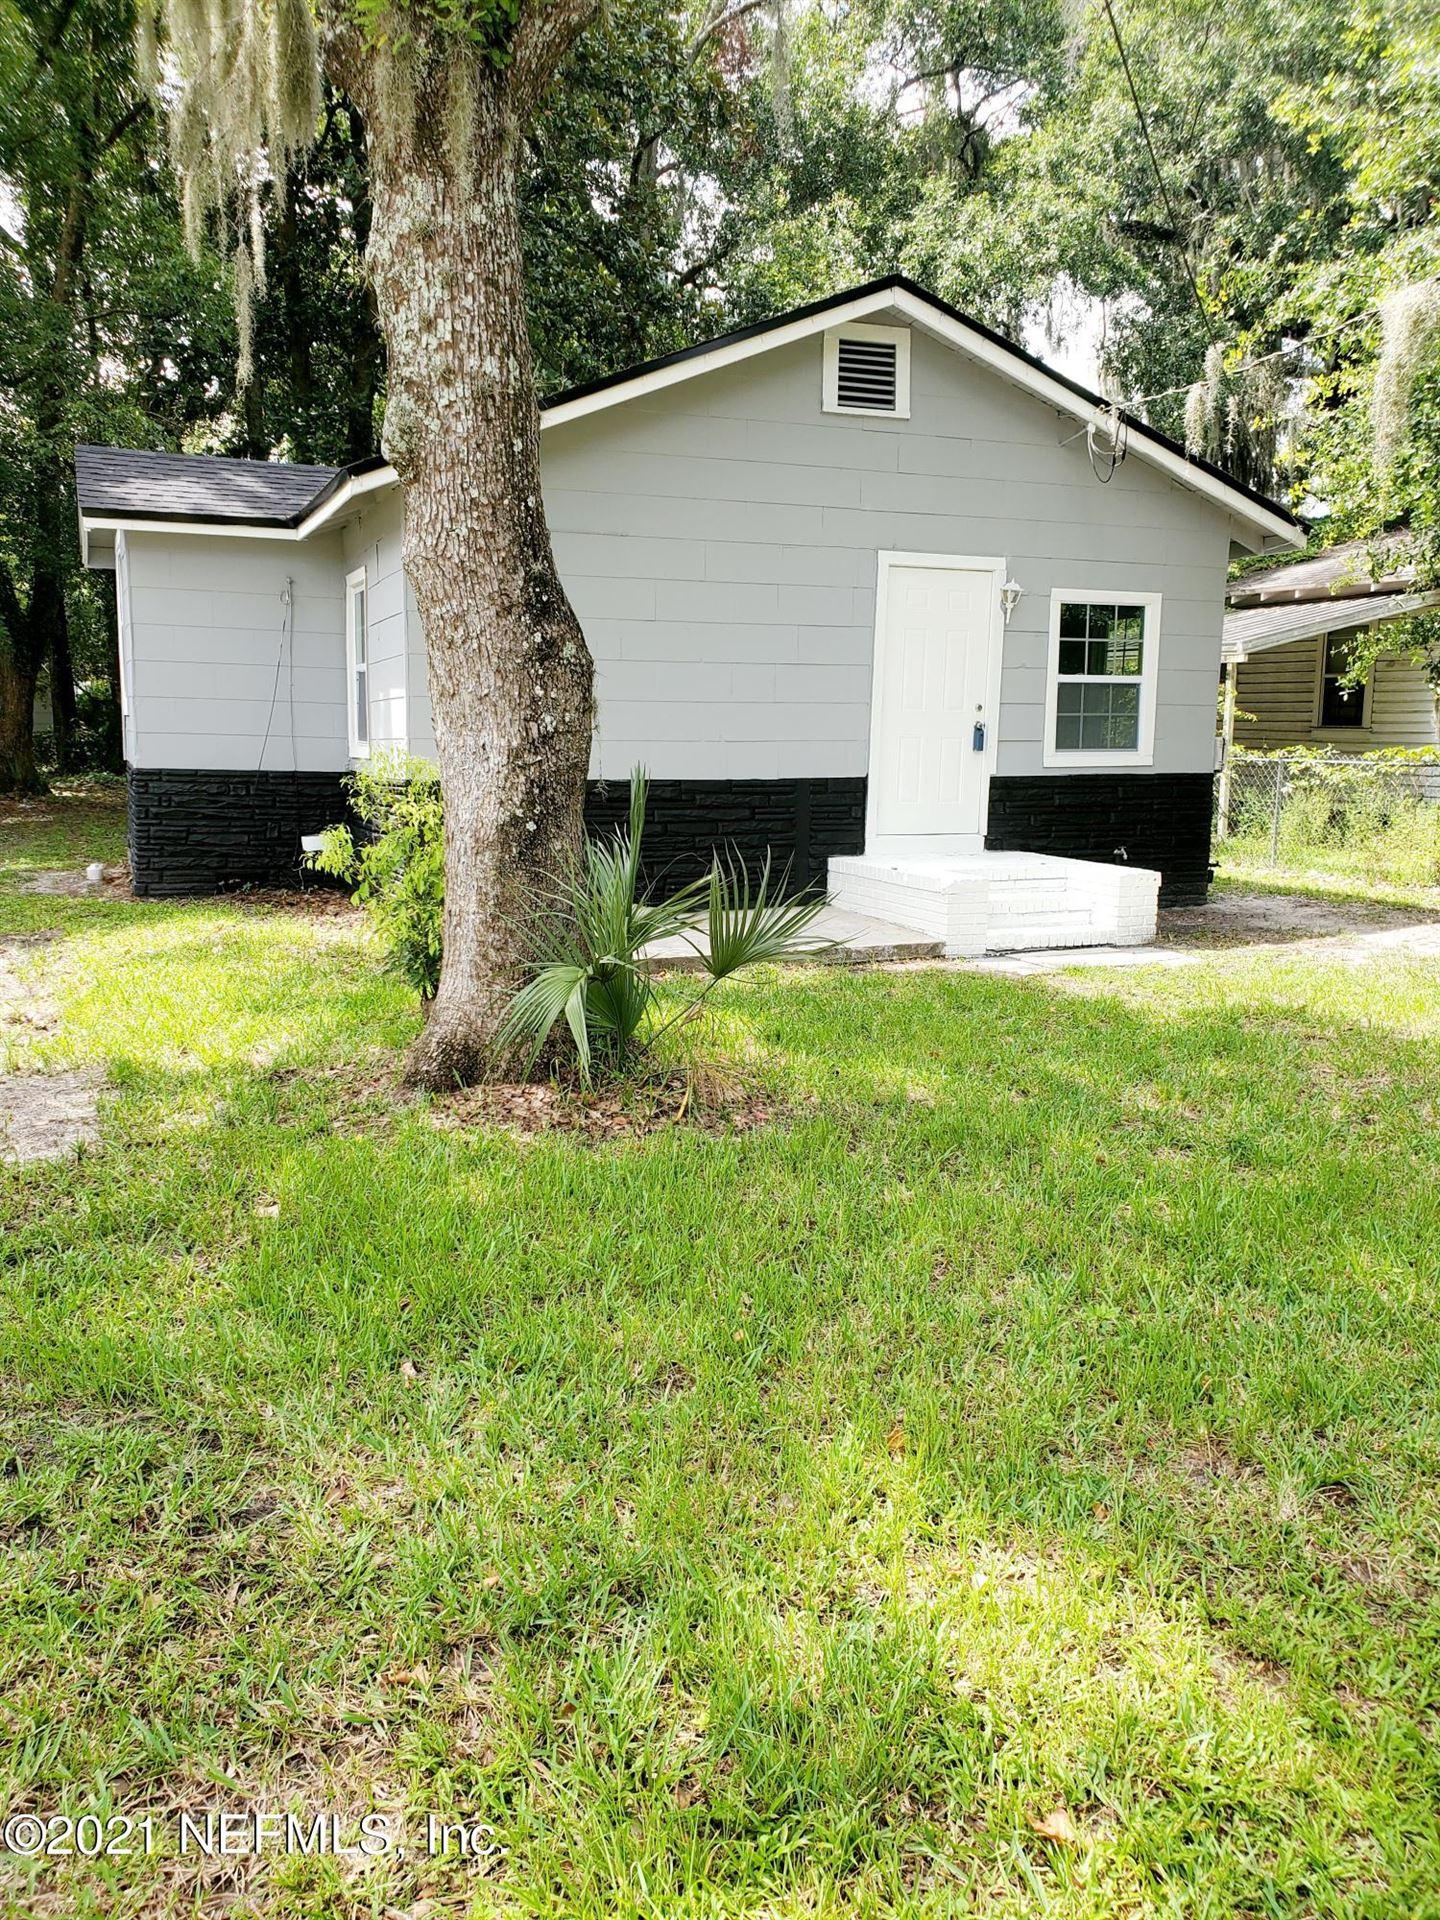 444 W 60TH ST #Lot No: 42, Jacksonville, FL 32208 - MLS#: 1120159